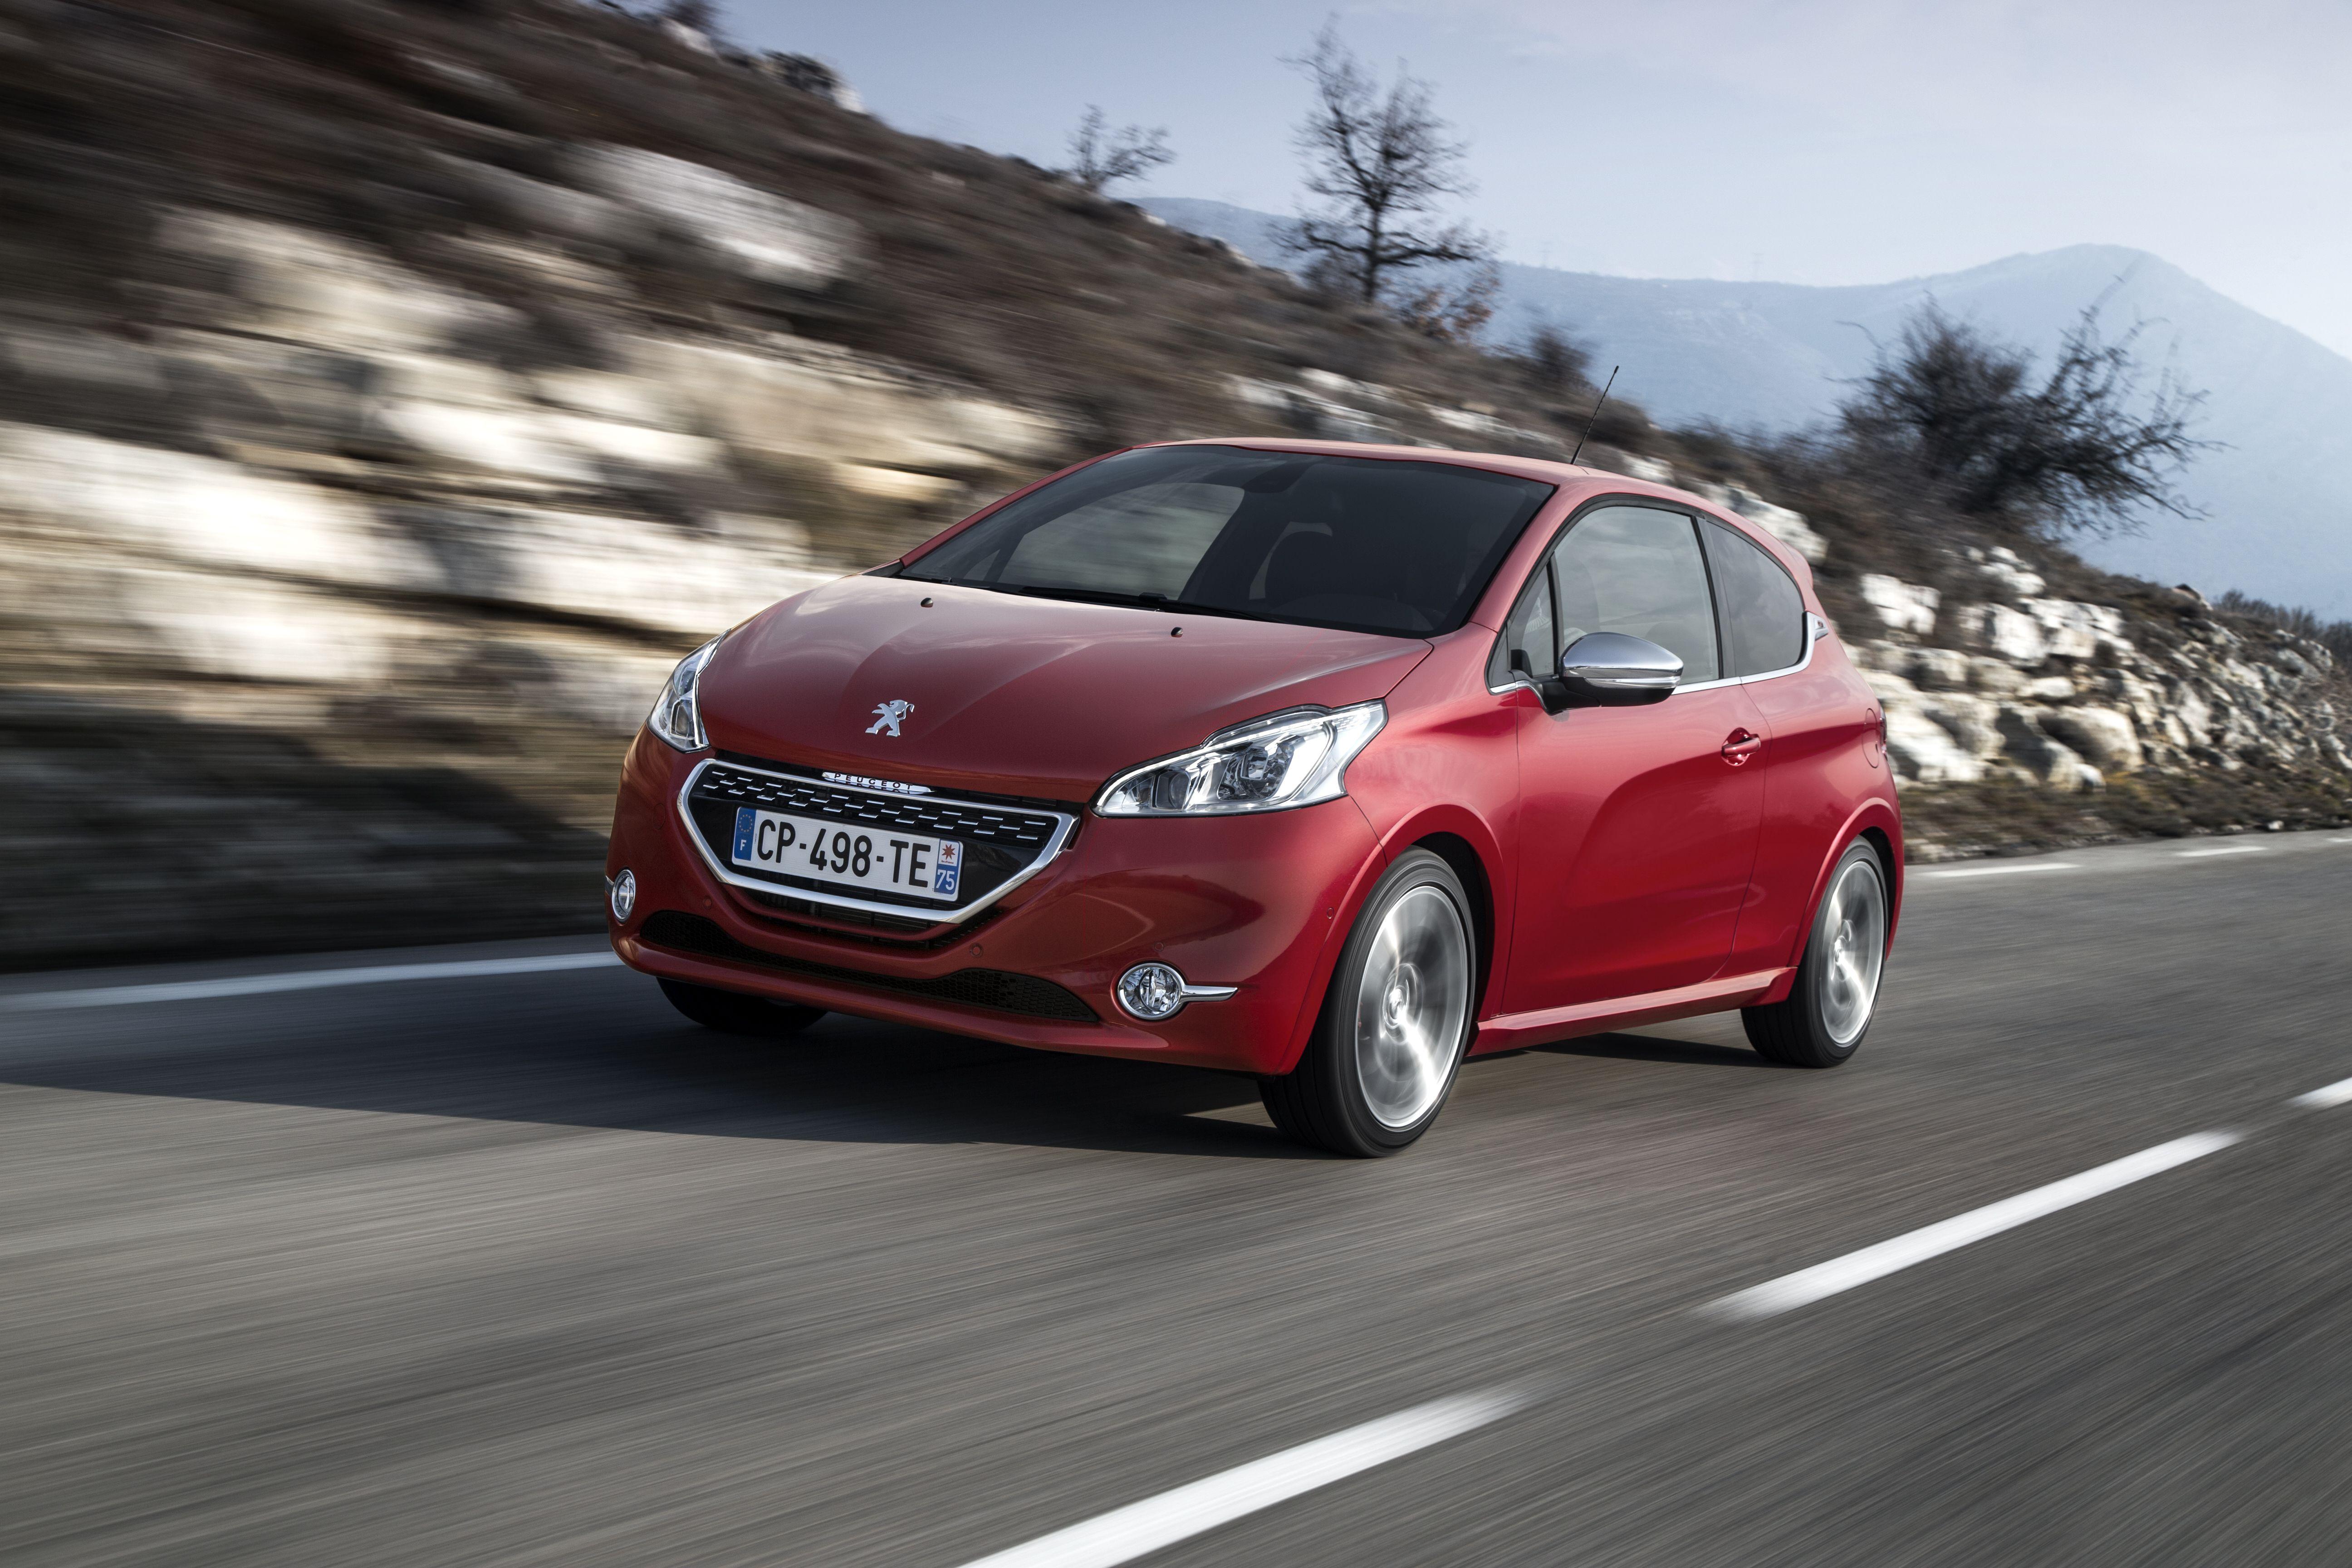 208 Gti Peugeot Automotive Photography Car